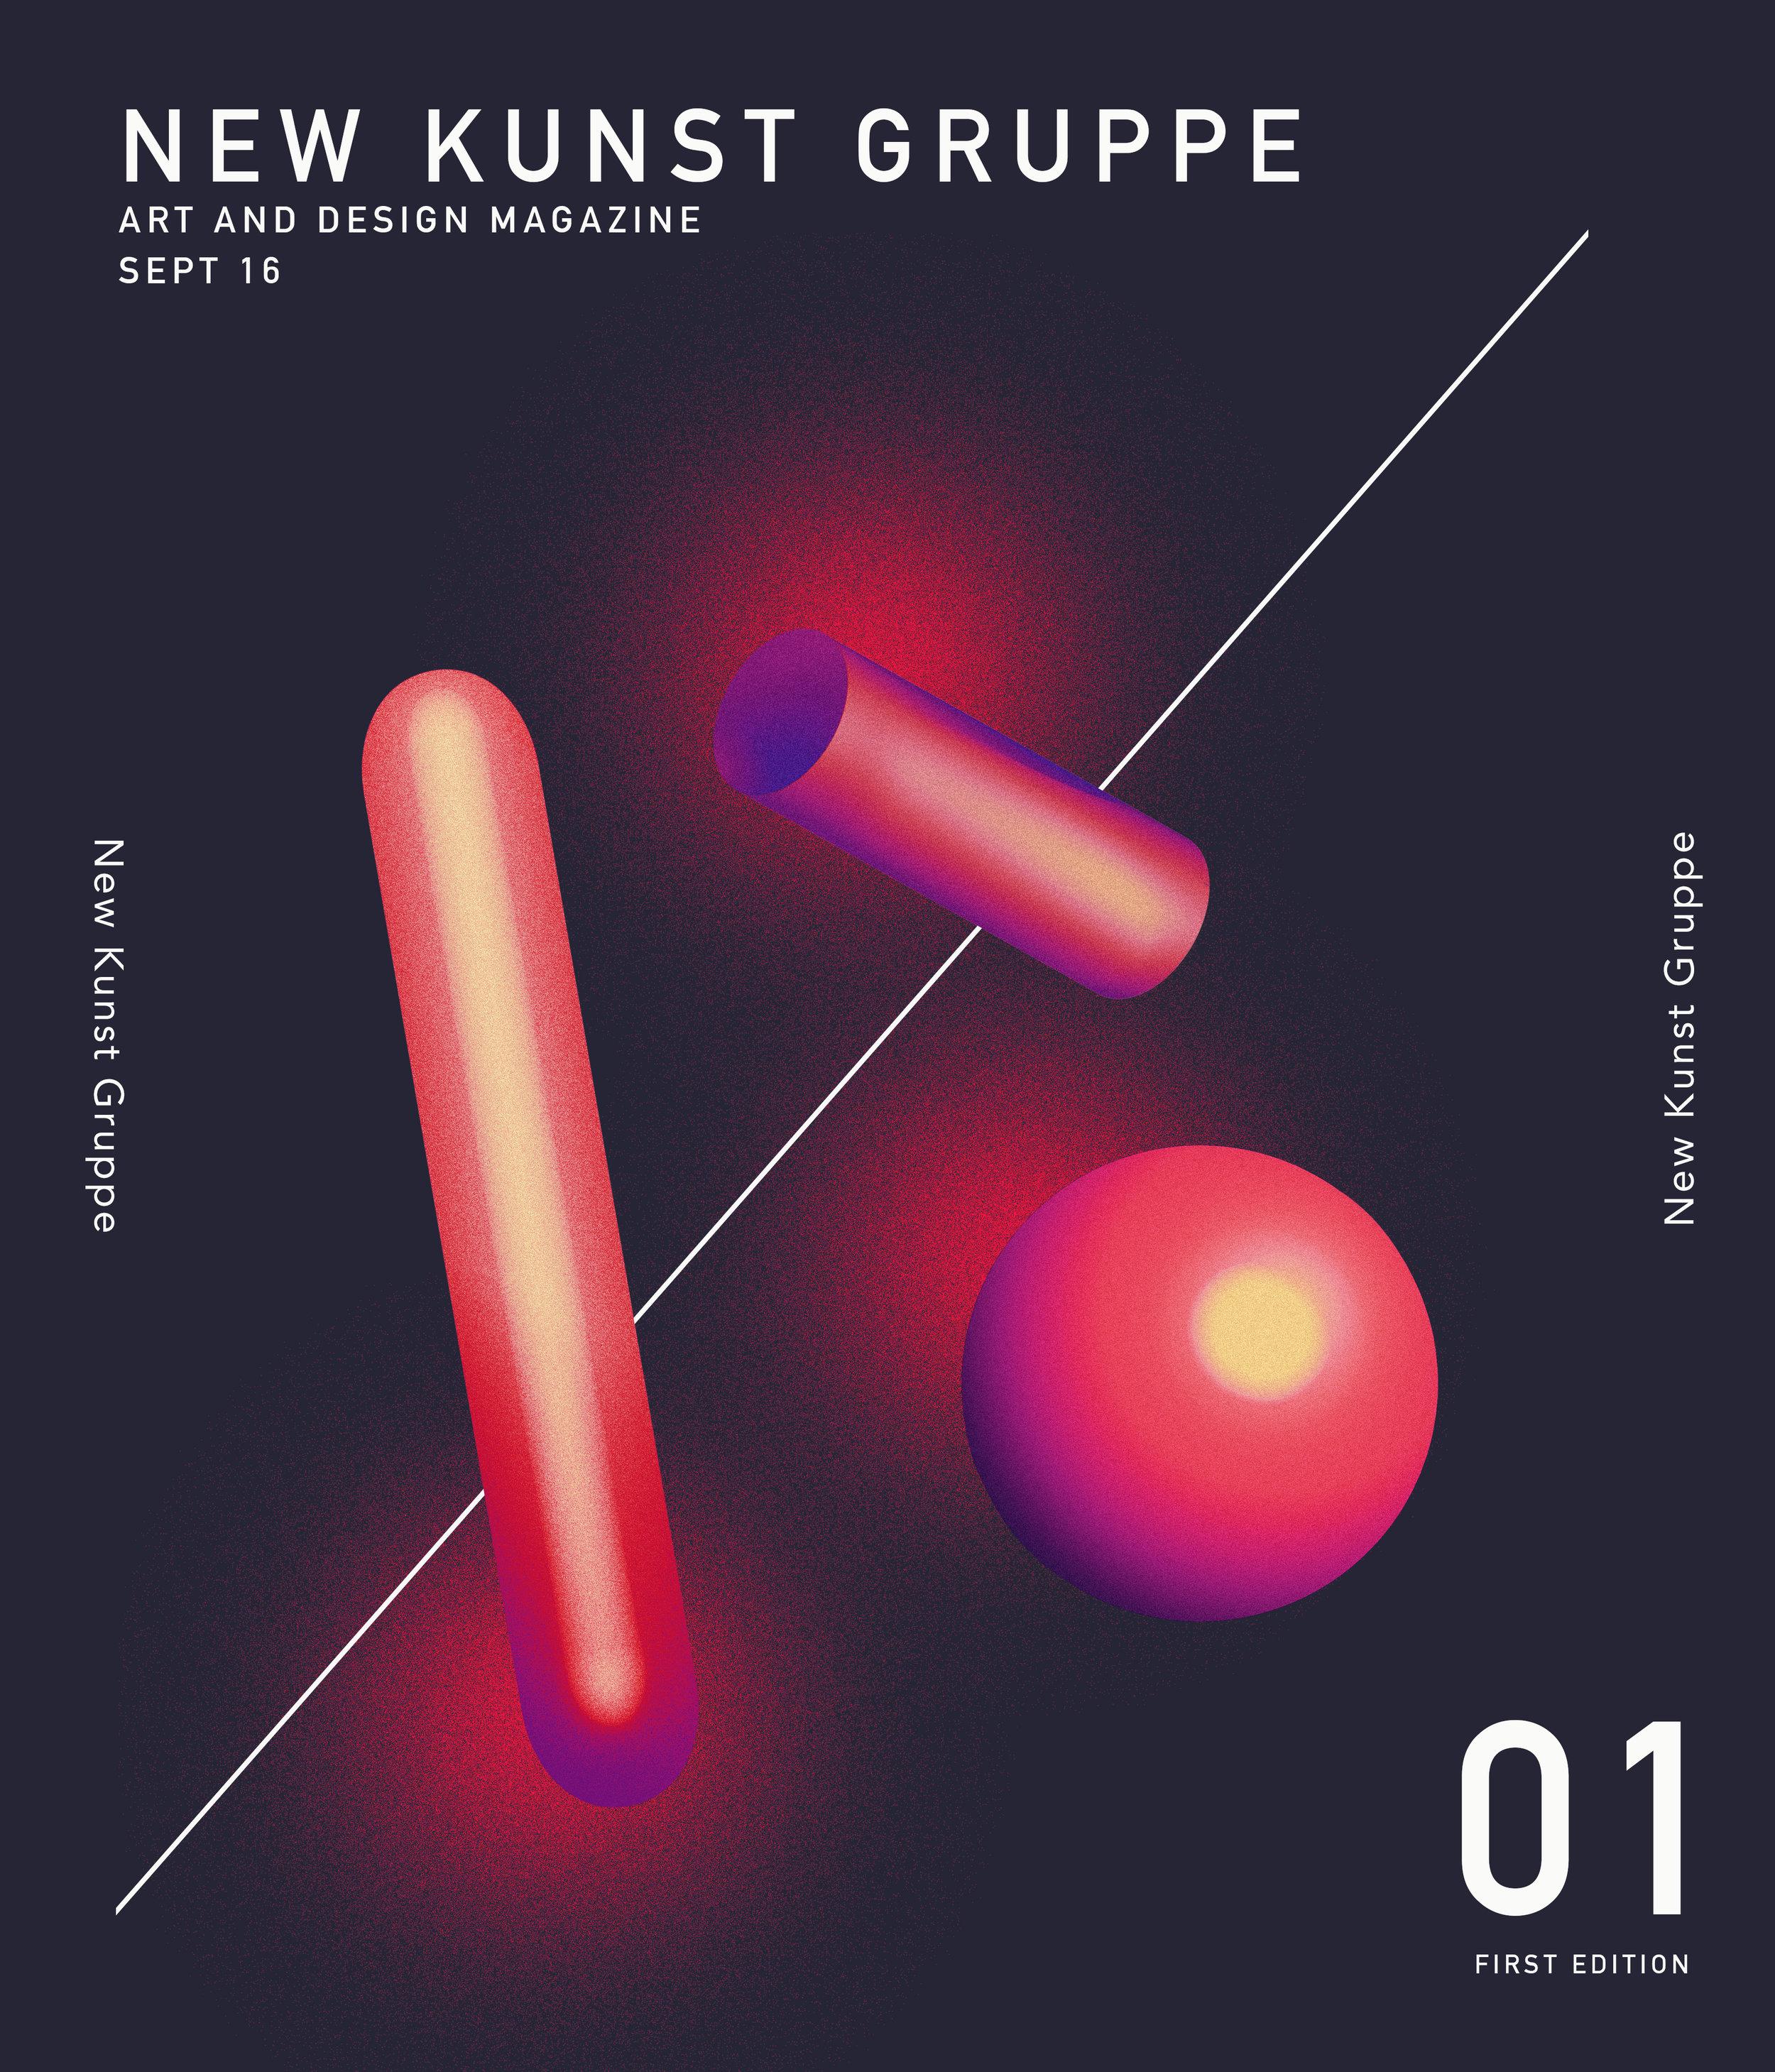 Cover Design for New Kunst Gruppe Magazine